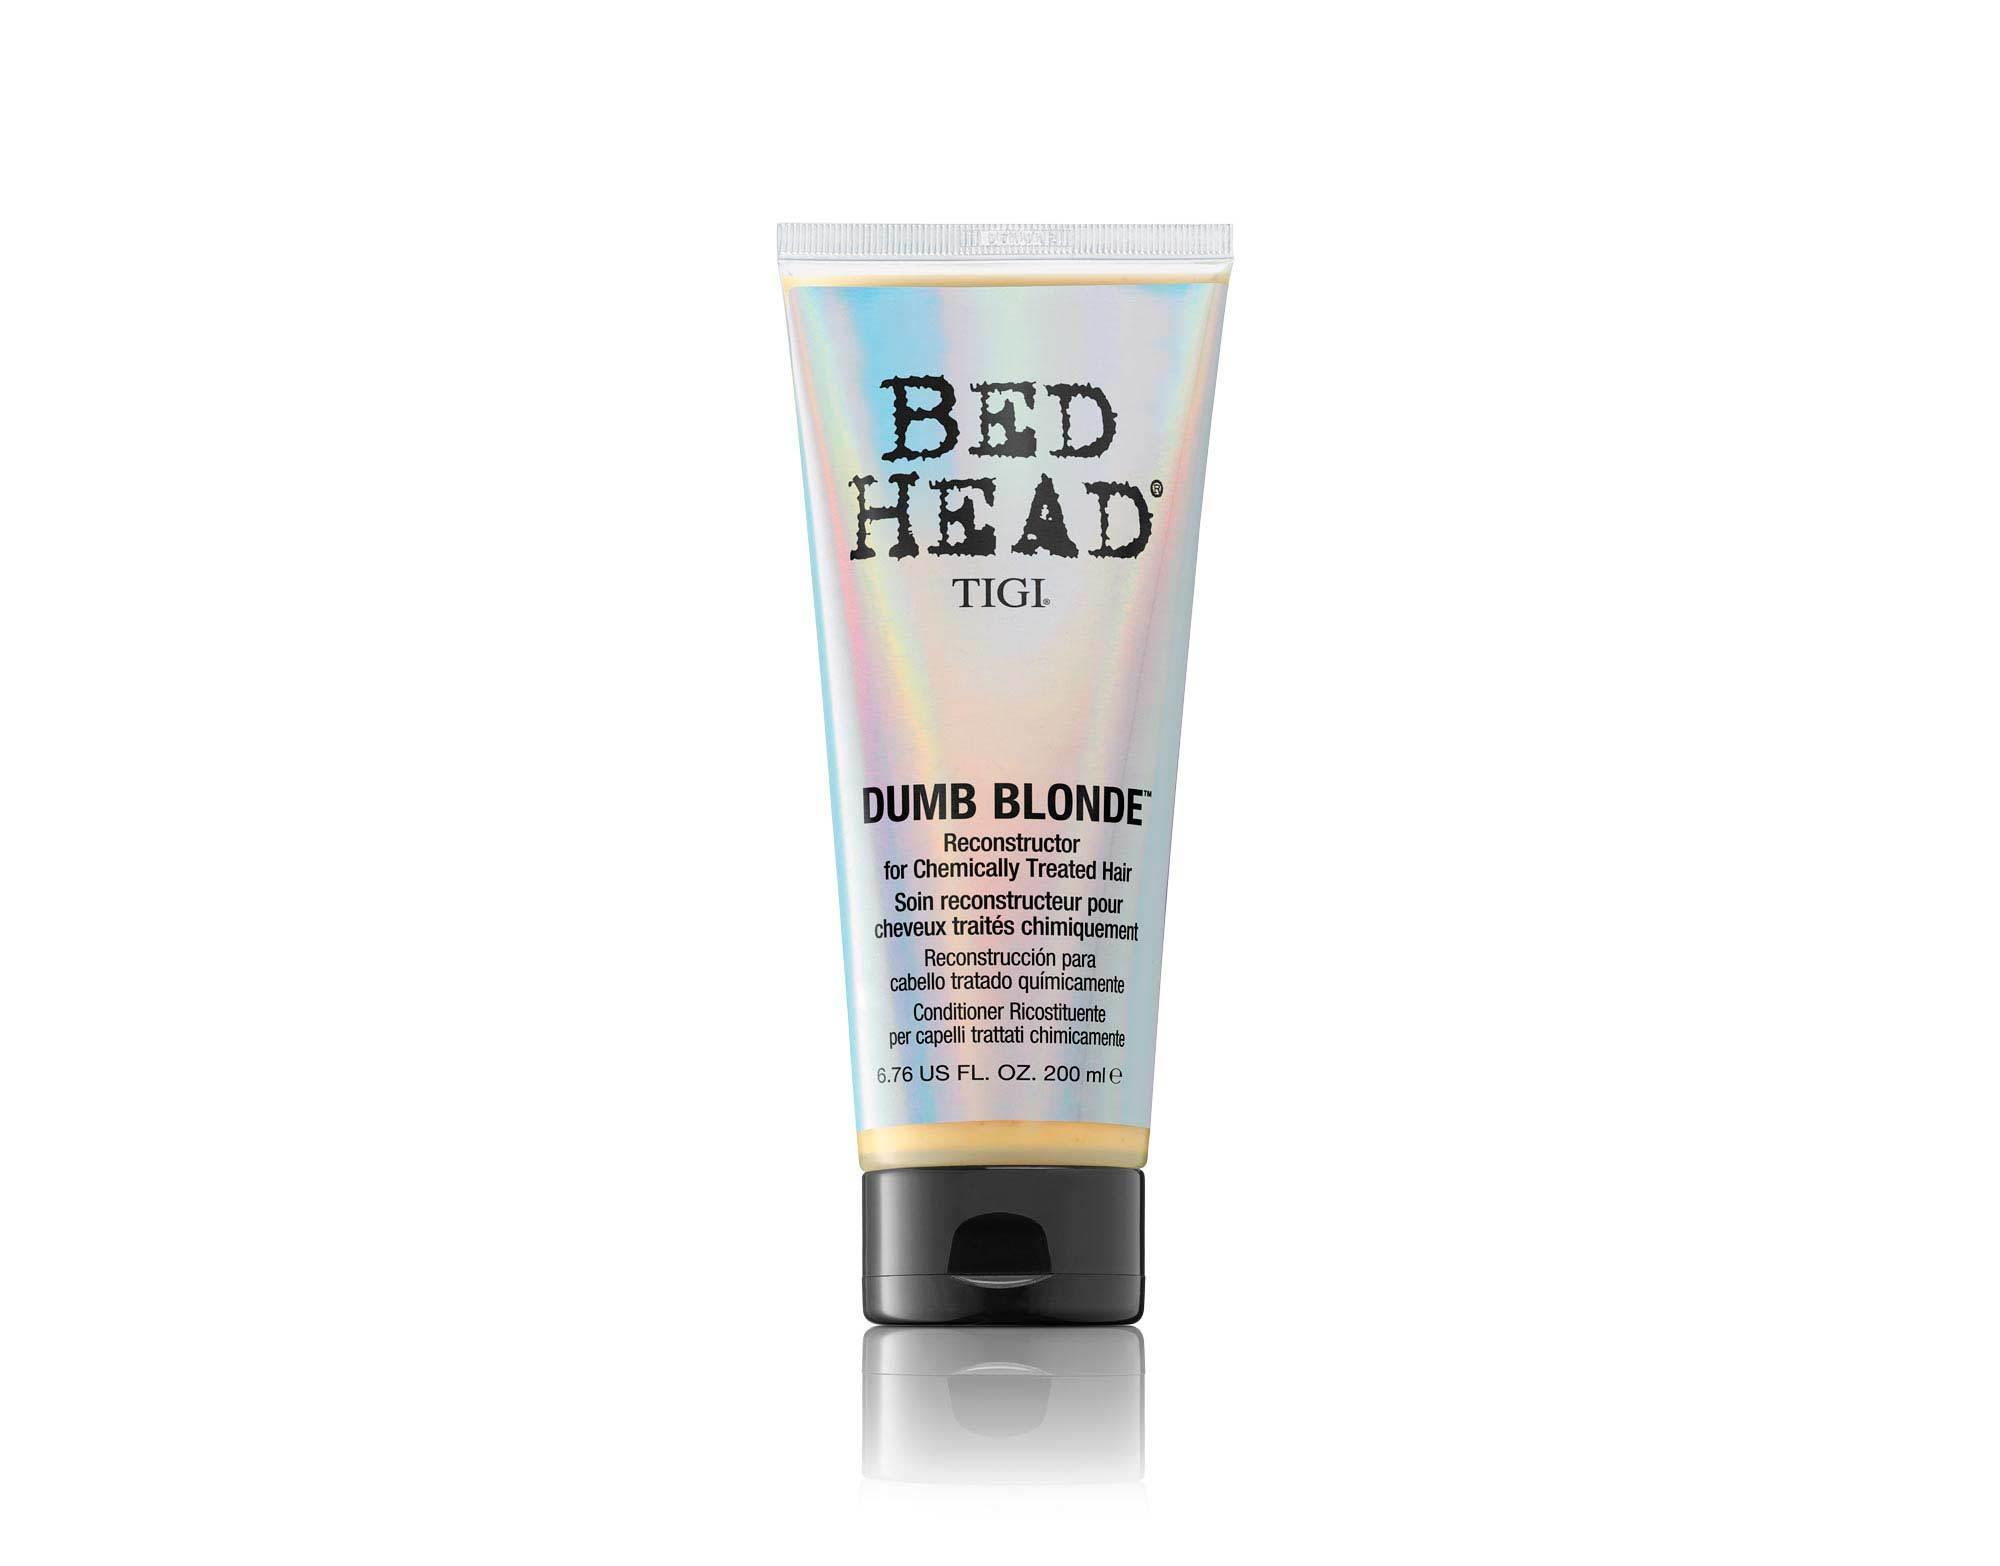 foto do Condicionador Bed Head Dumb Blonde